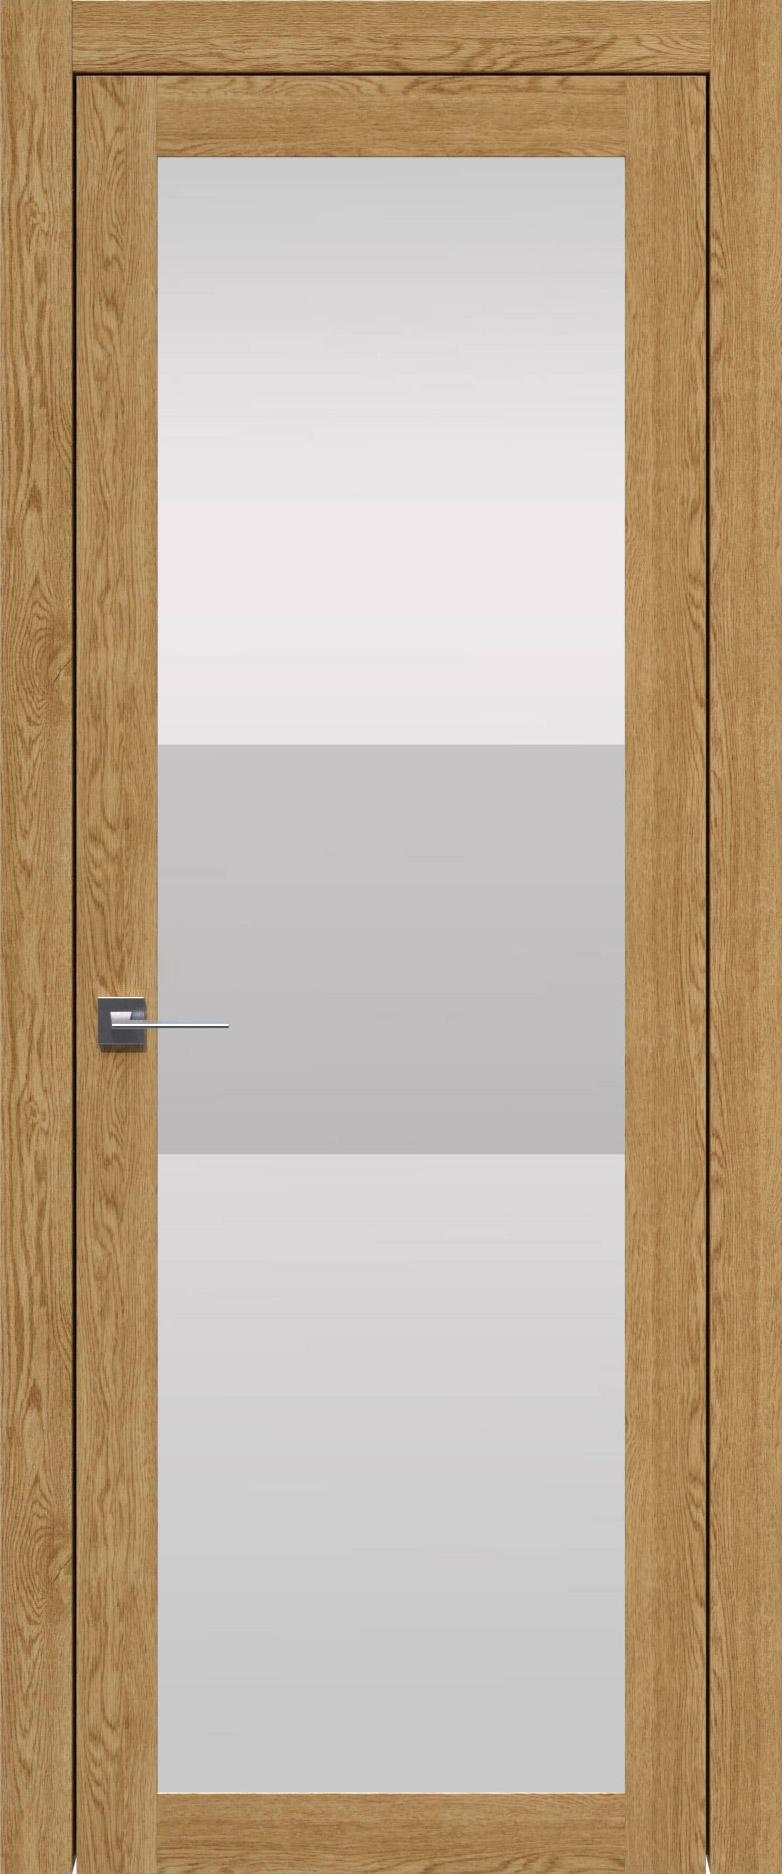 Tivoli З-4 цвет - Дуб натуральный Со стеклом (ДО)